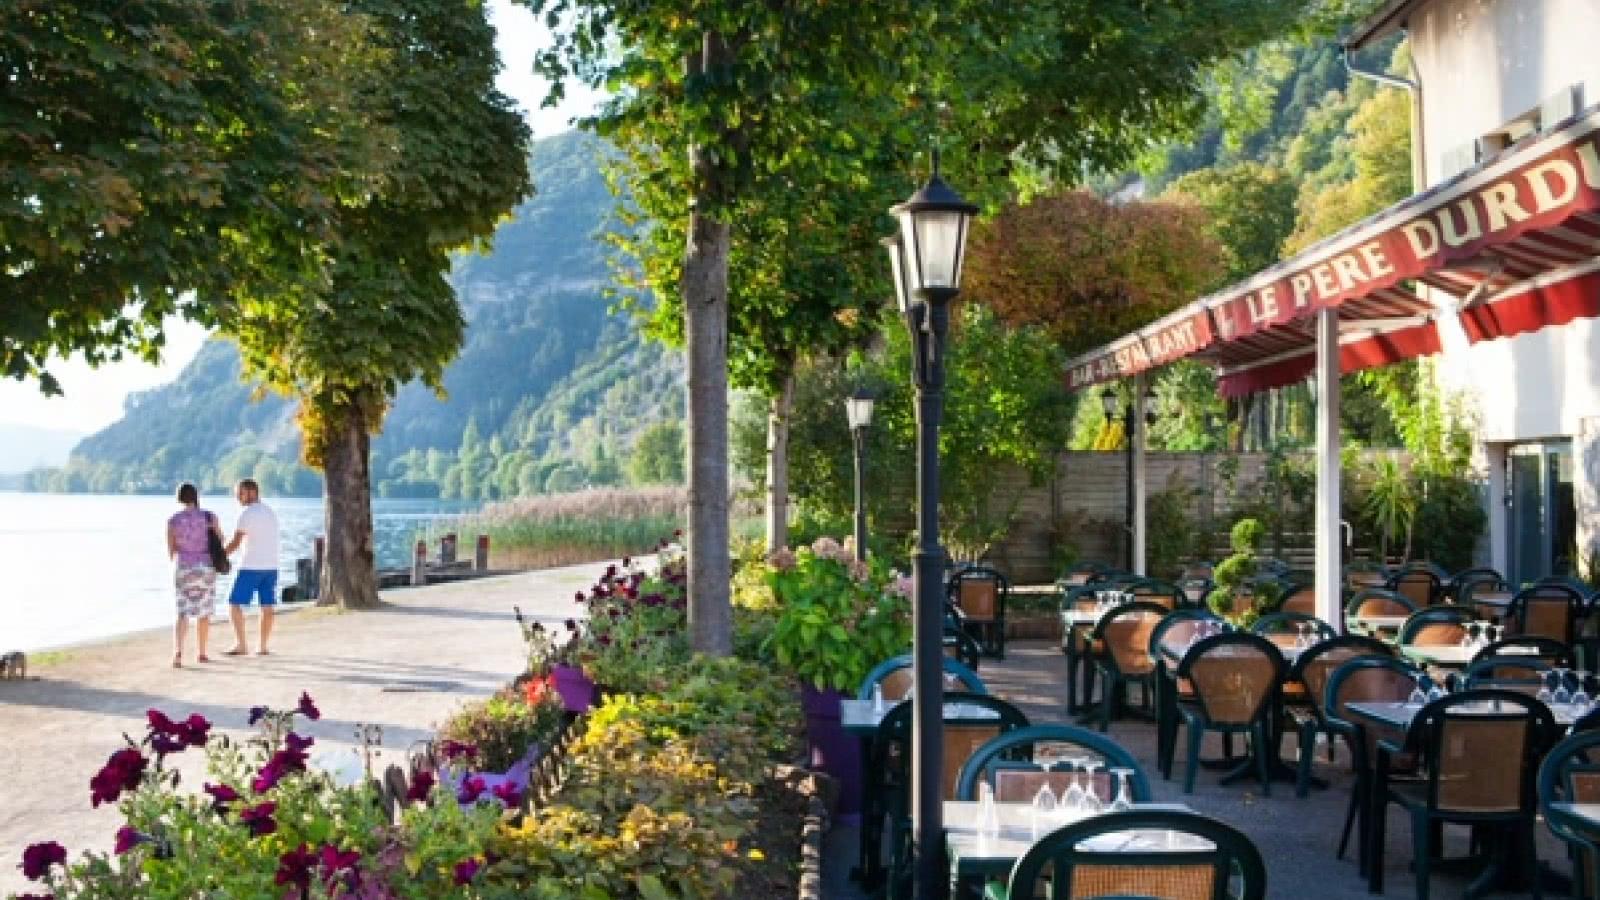 Terrasse restaurant Pere Durdu - Nantua